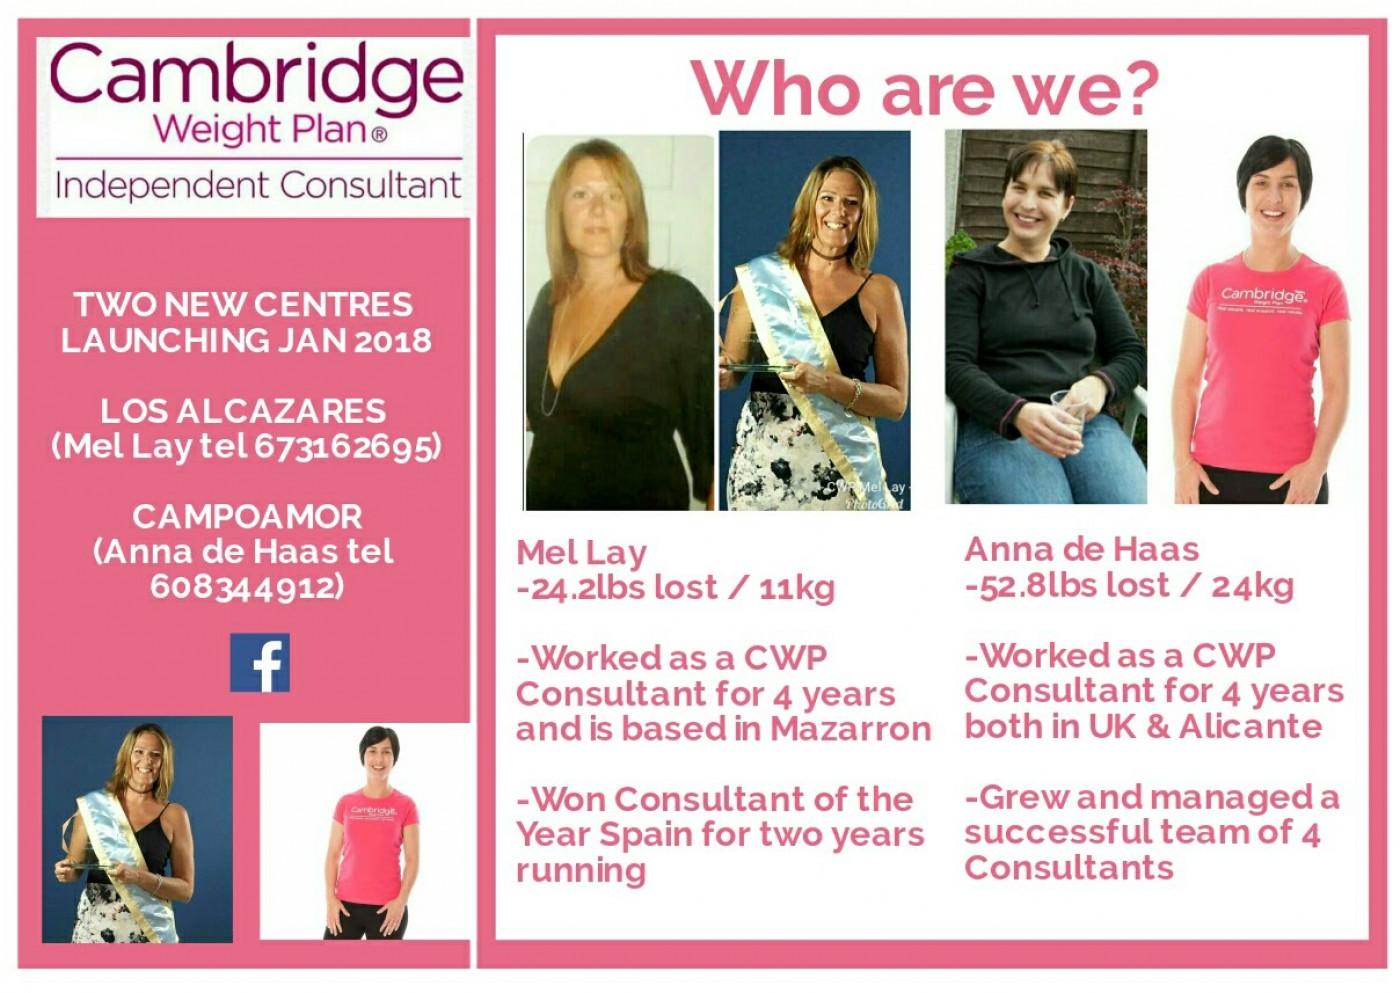 Cambridge Weight Plan Consultant in Mazarrón and Los Alcázares